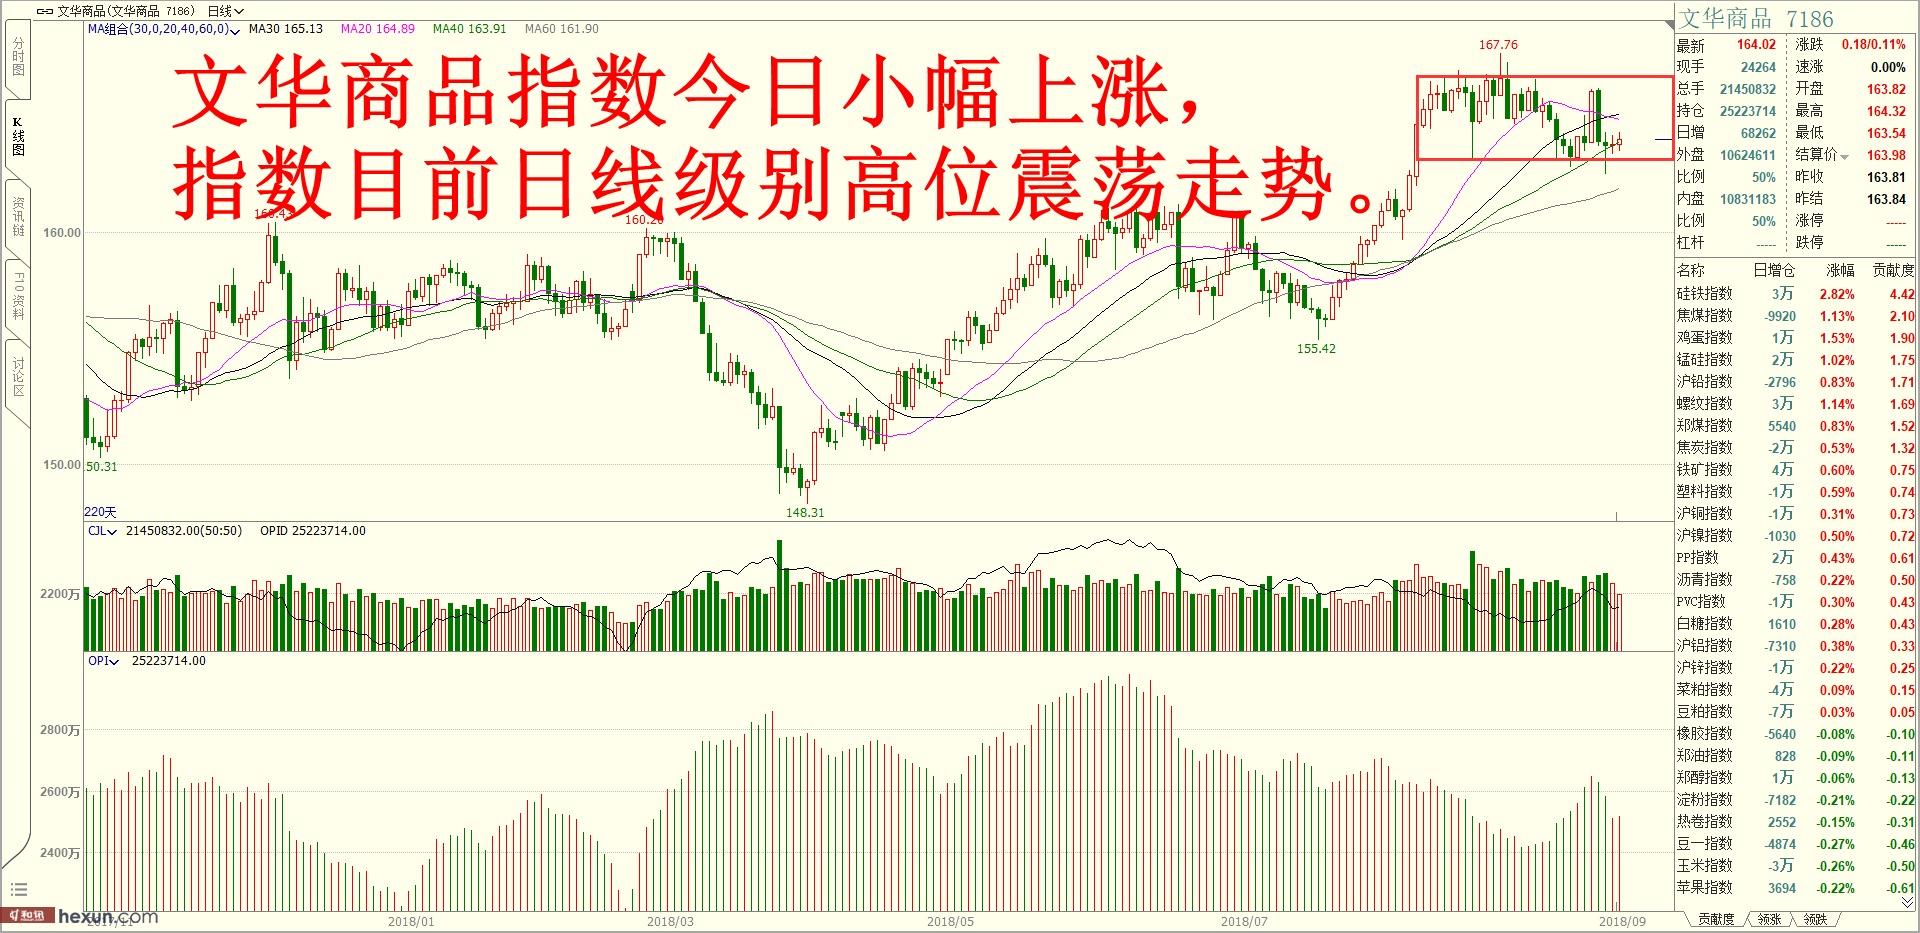 期货导报:9月17日交易策略提示